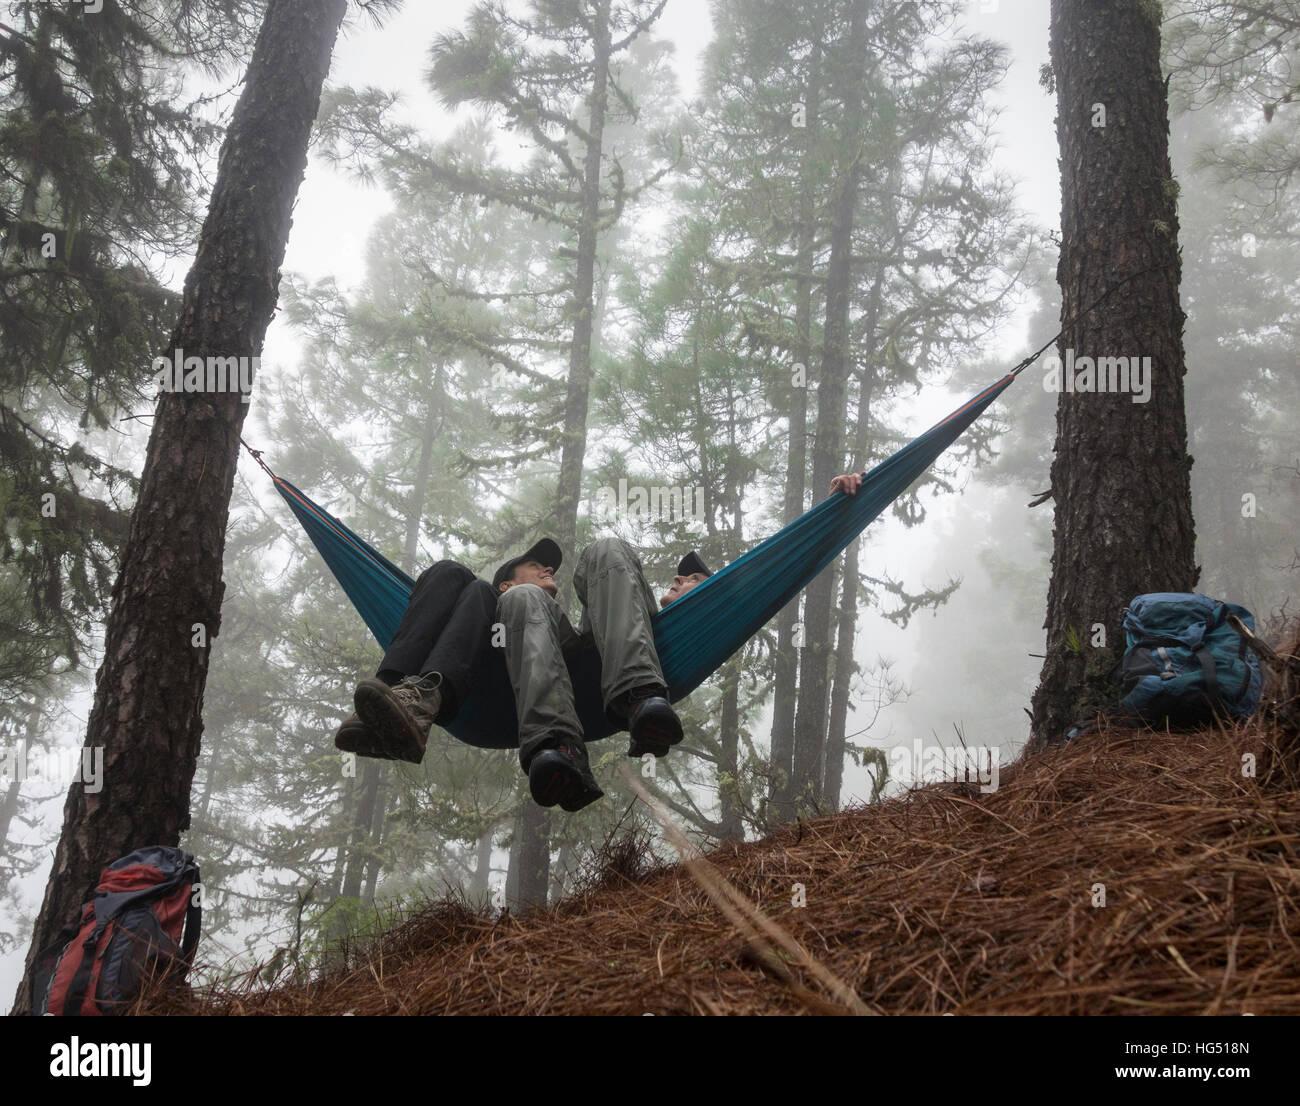 Reifen Sie paar Wandern, entspannen in der Hängematte im nebligen Pinienwald. Stockbild